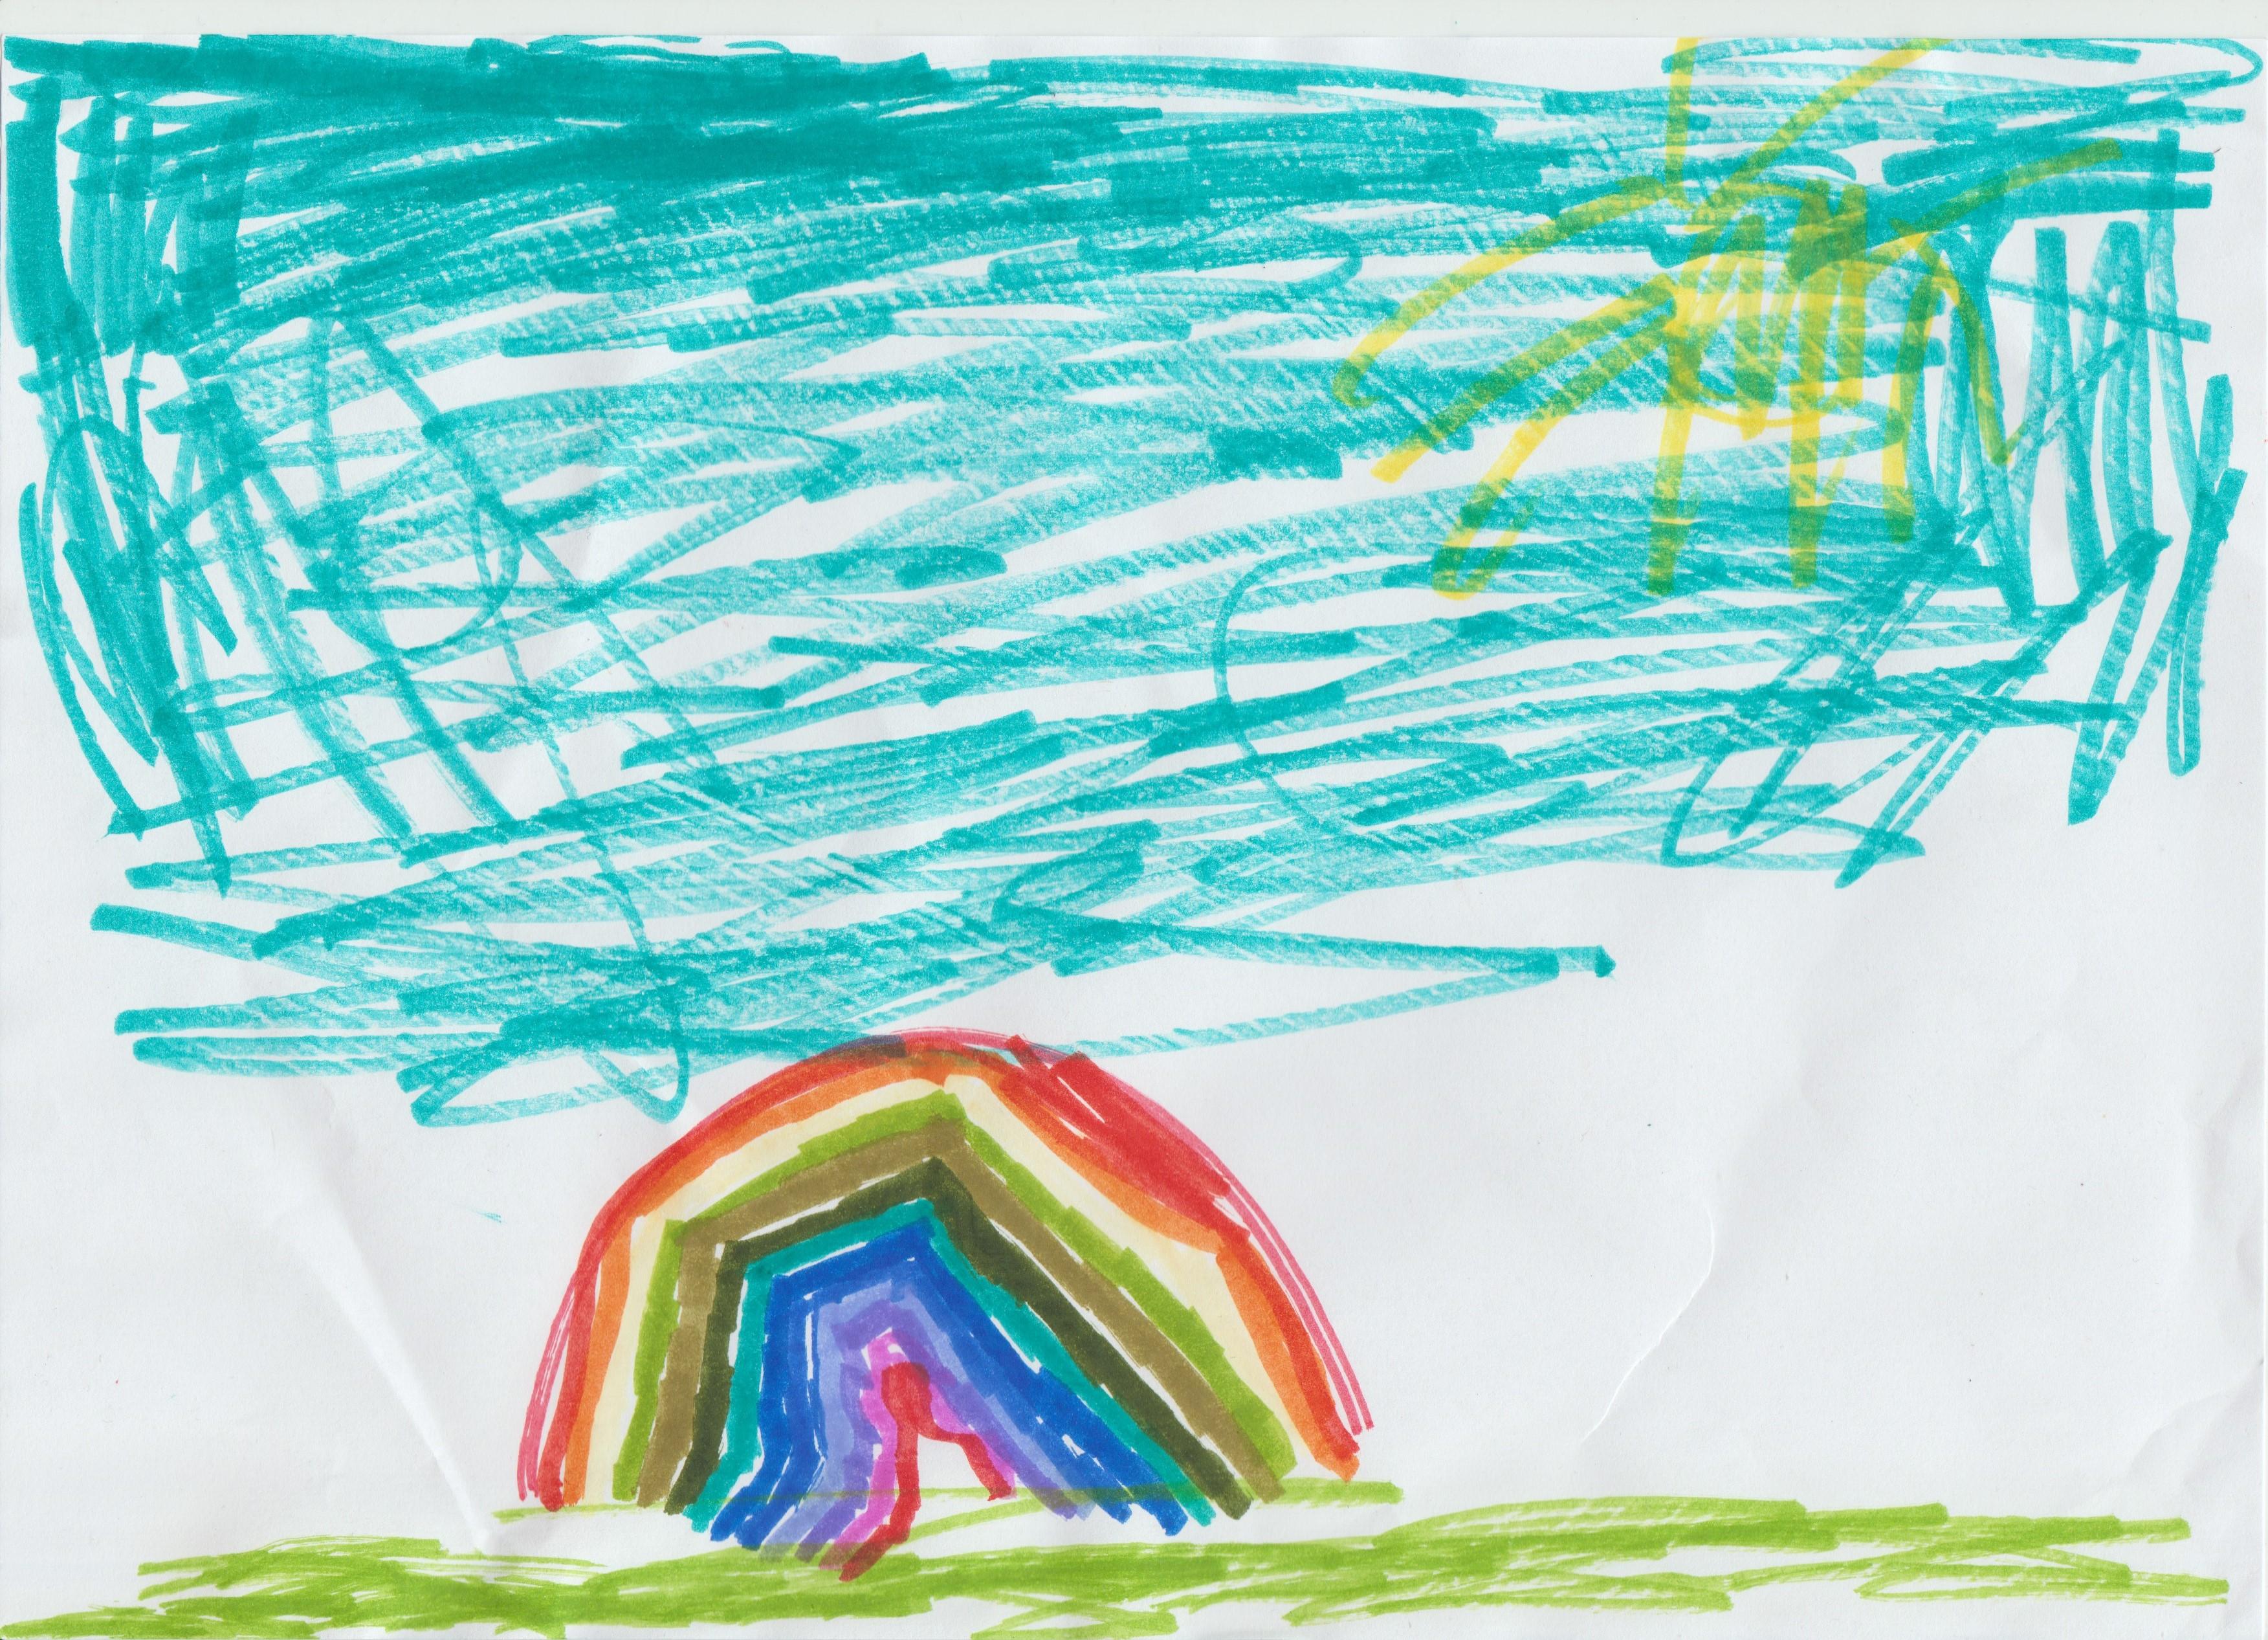 Natalie rainbow 2 (2)